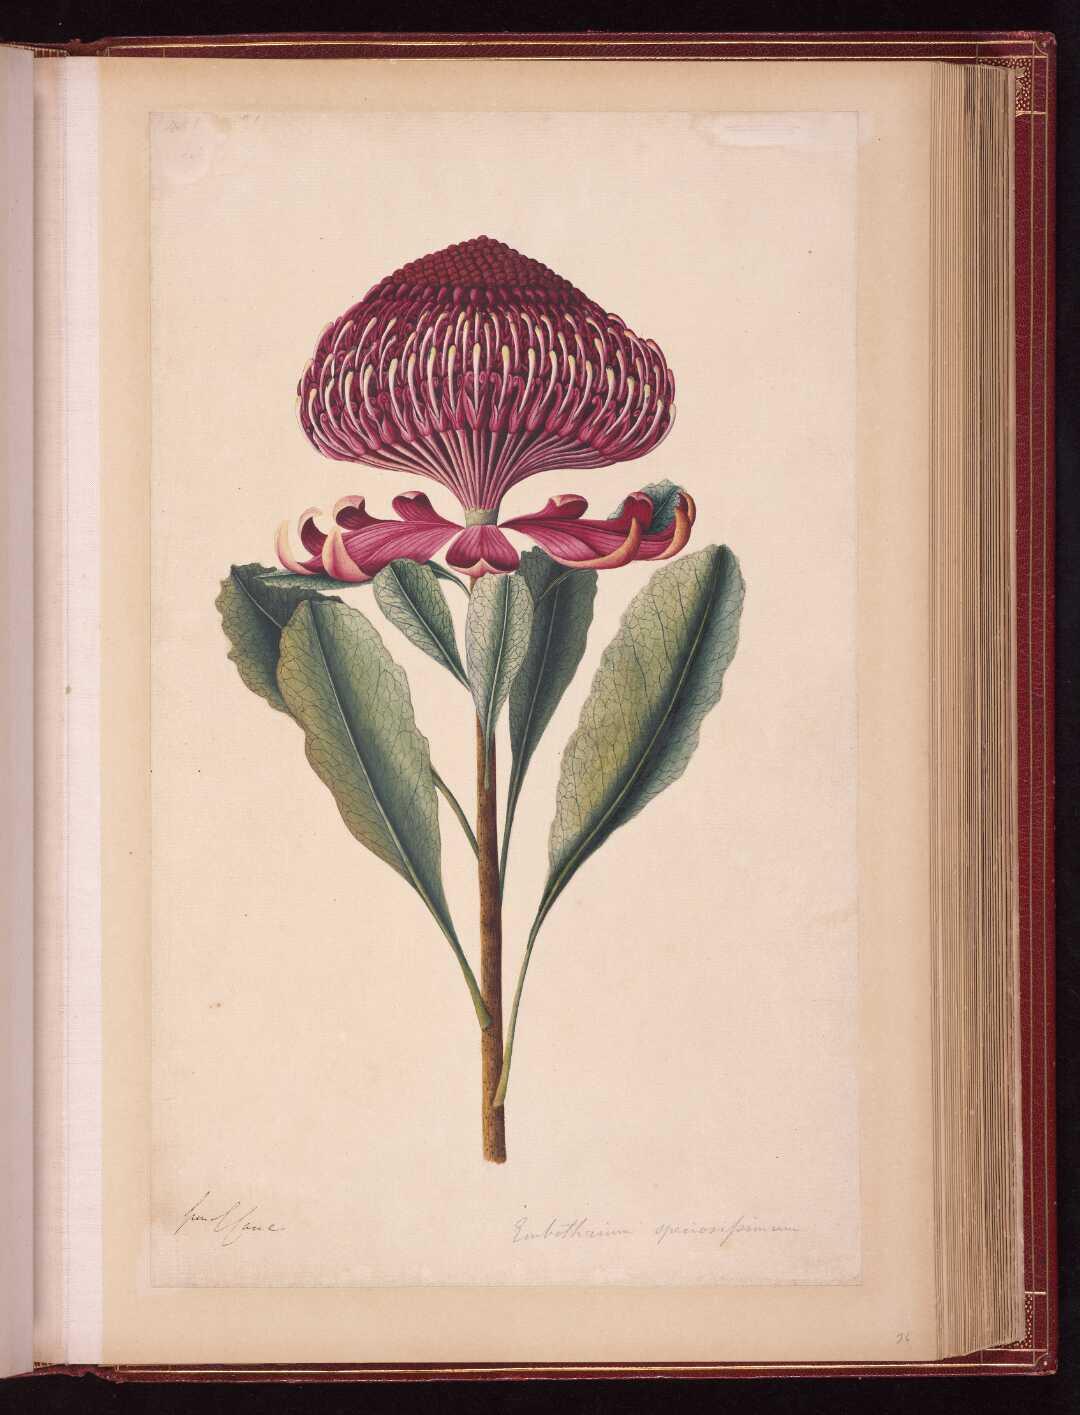 Embothrium speciosiformum